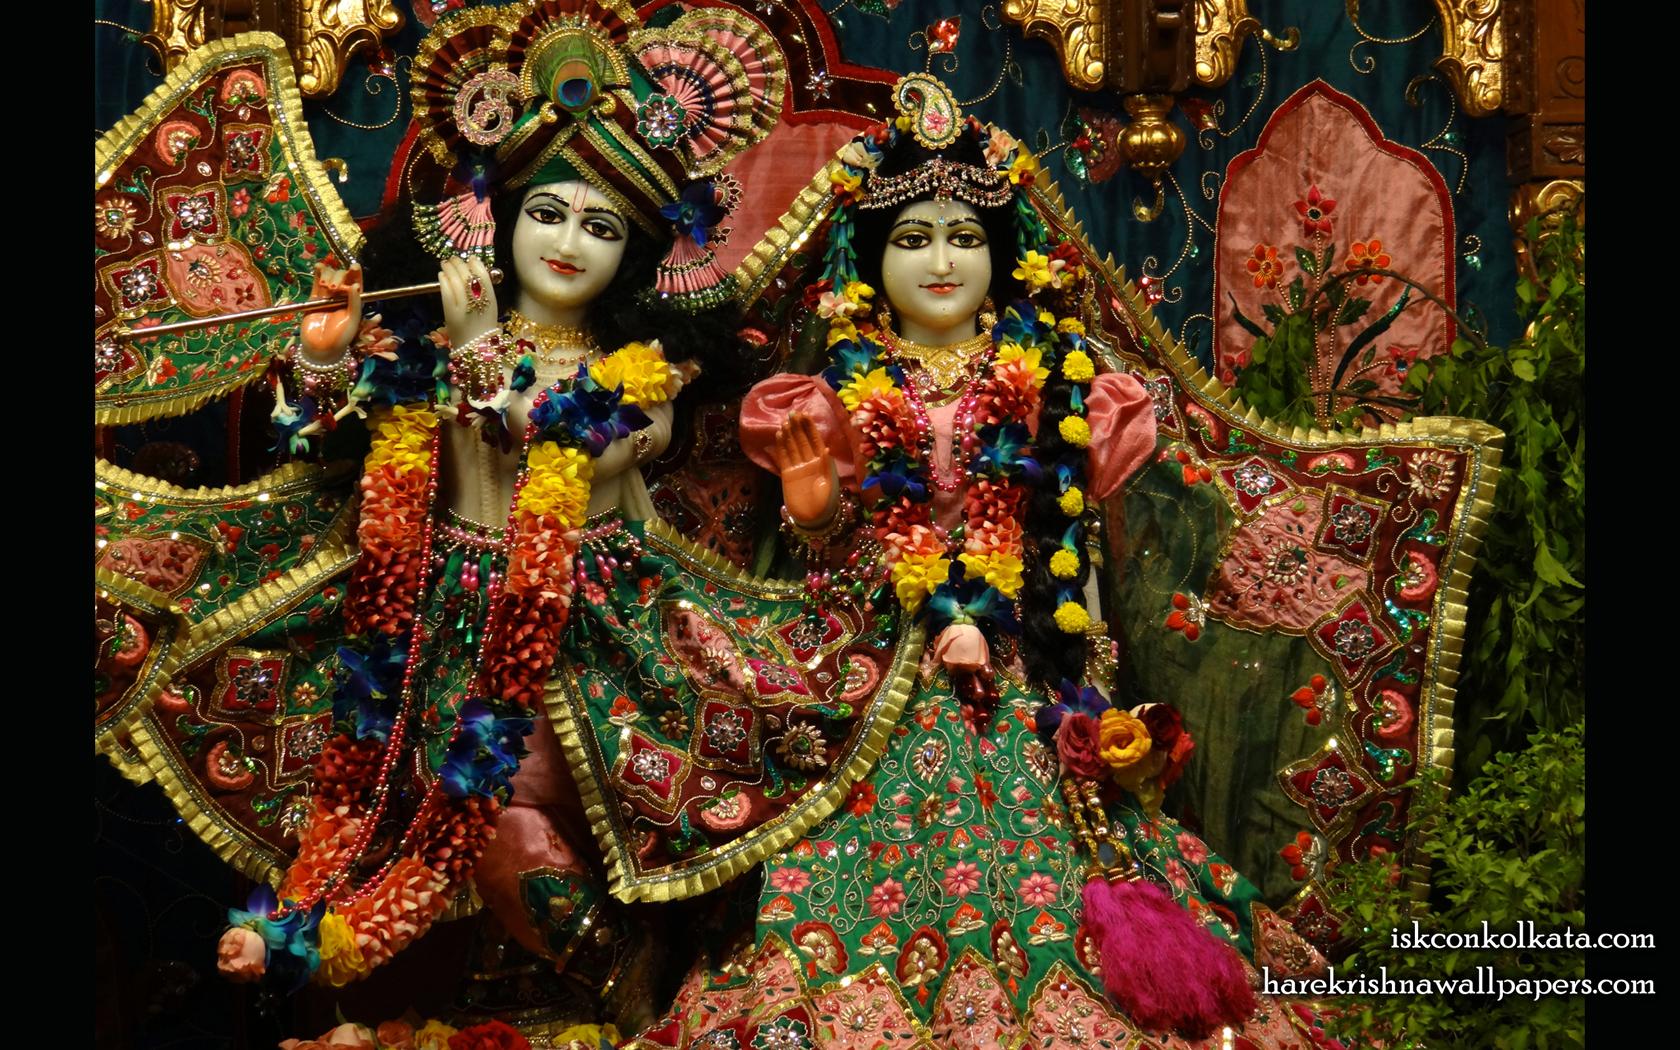 Sri Sri Radha Govinda Wallpaper (005) Size 1680x1050 Download